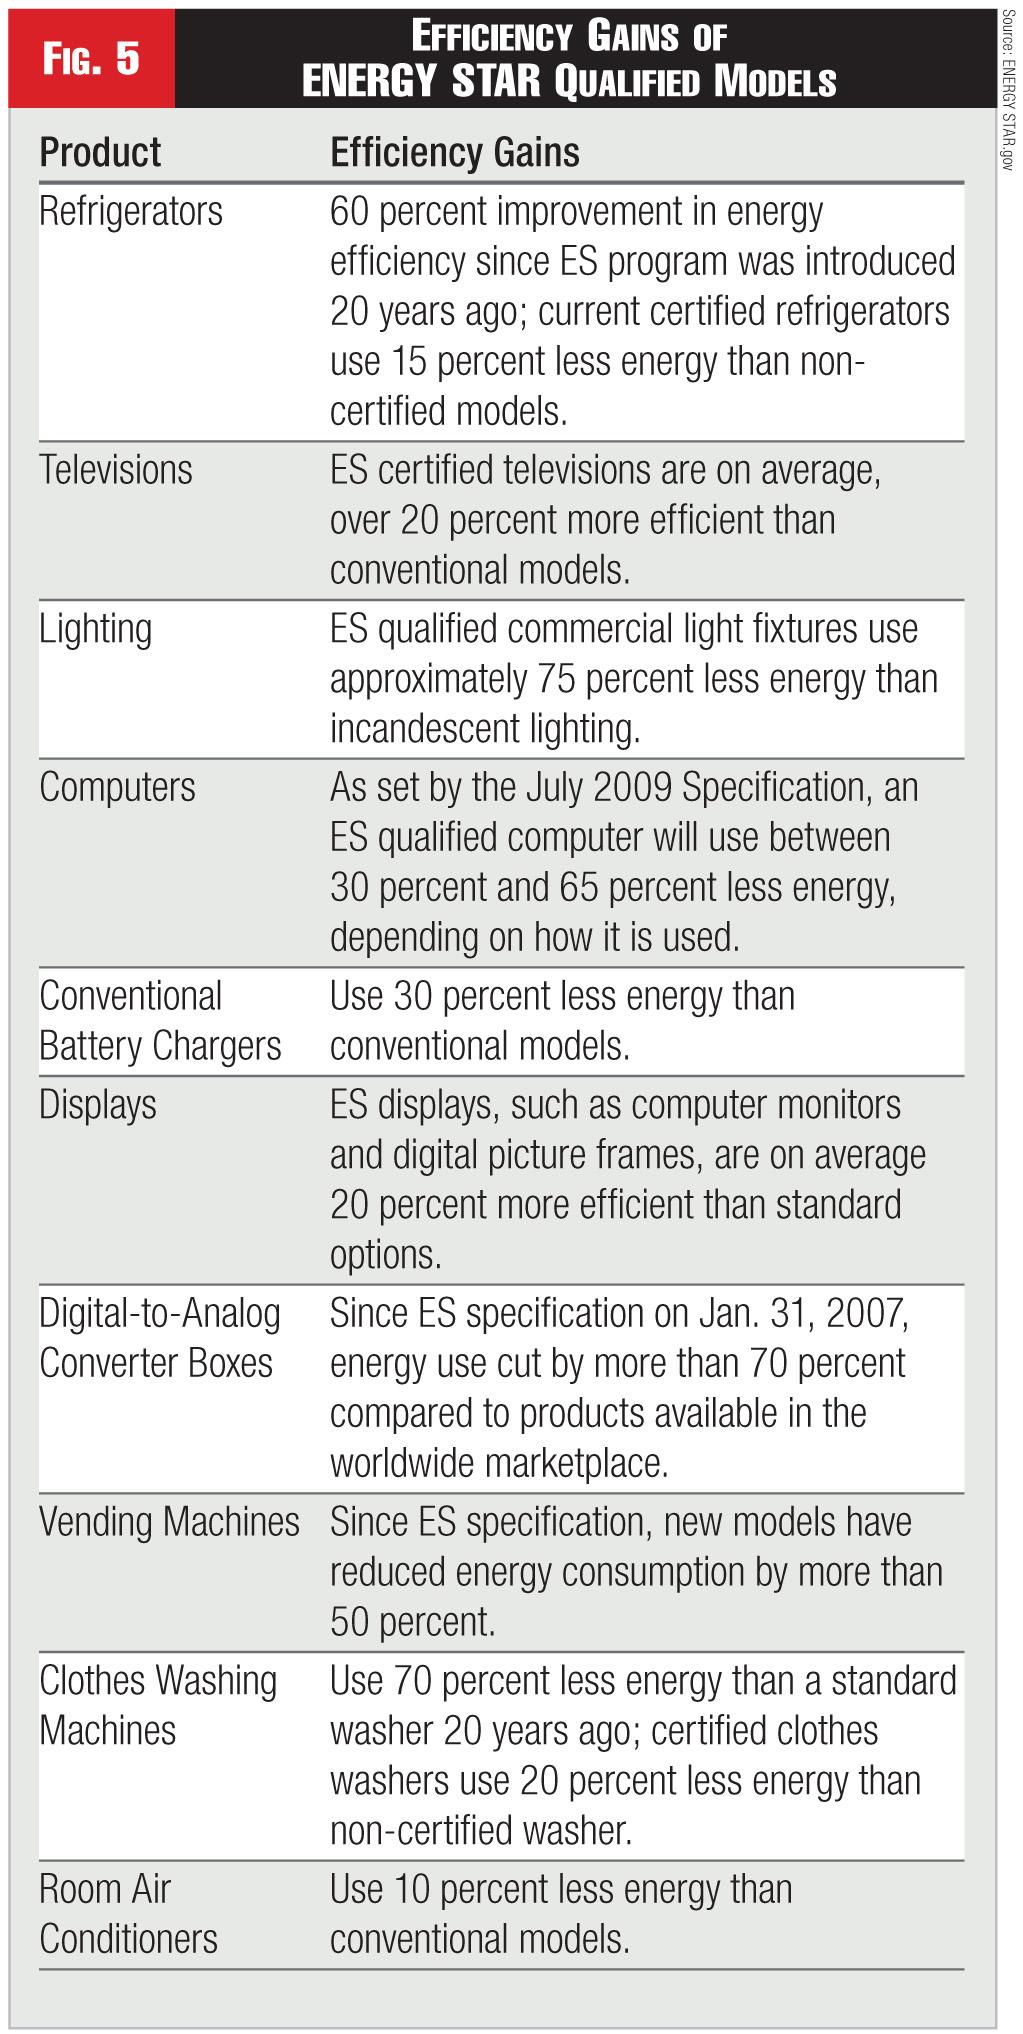 Figure 5 - Efficiency Gains of ENERGY STAR Qualified Models